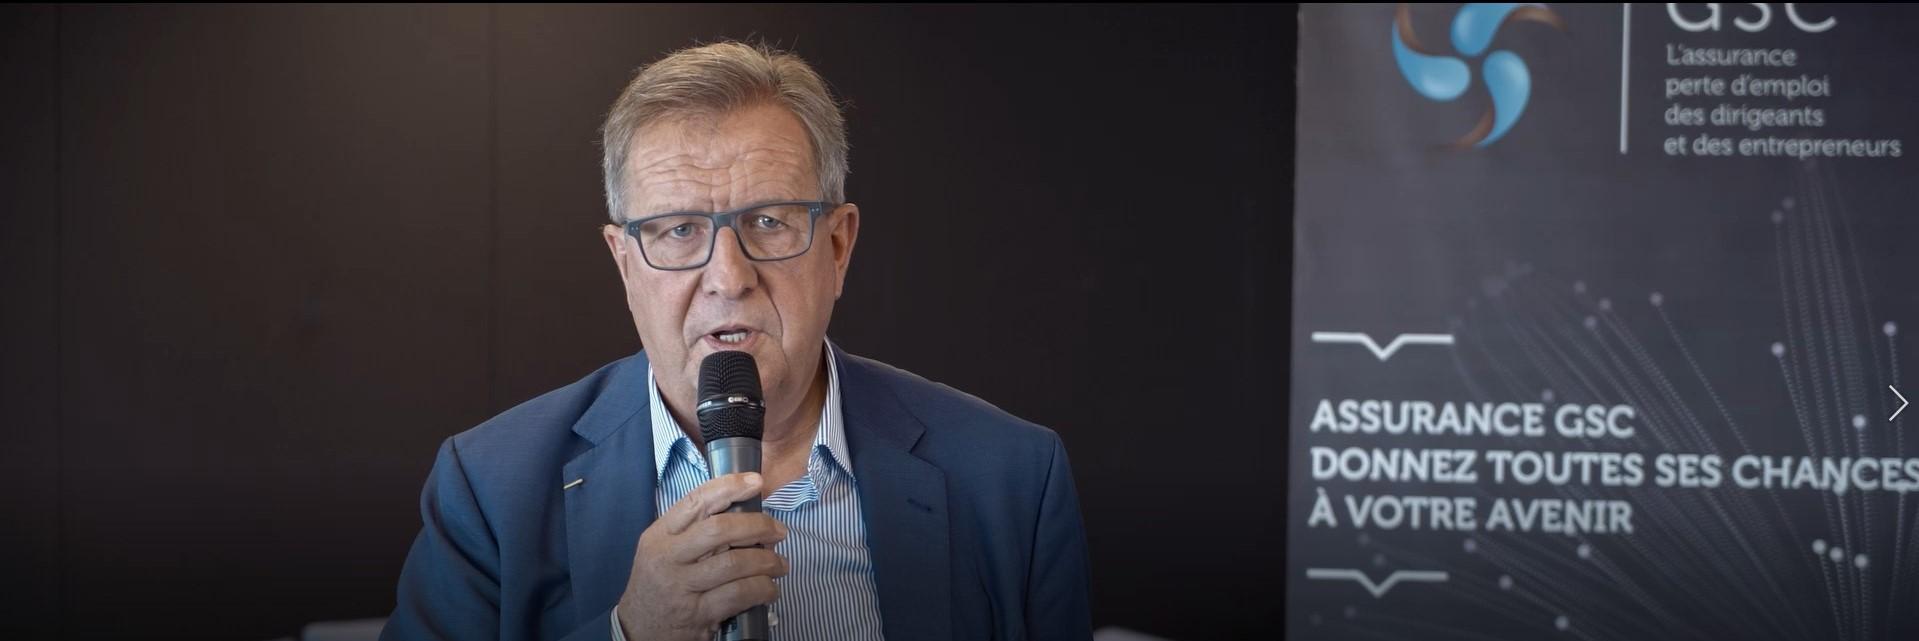 Paroles d'entrepreneurs – Jean-Luc Cadio